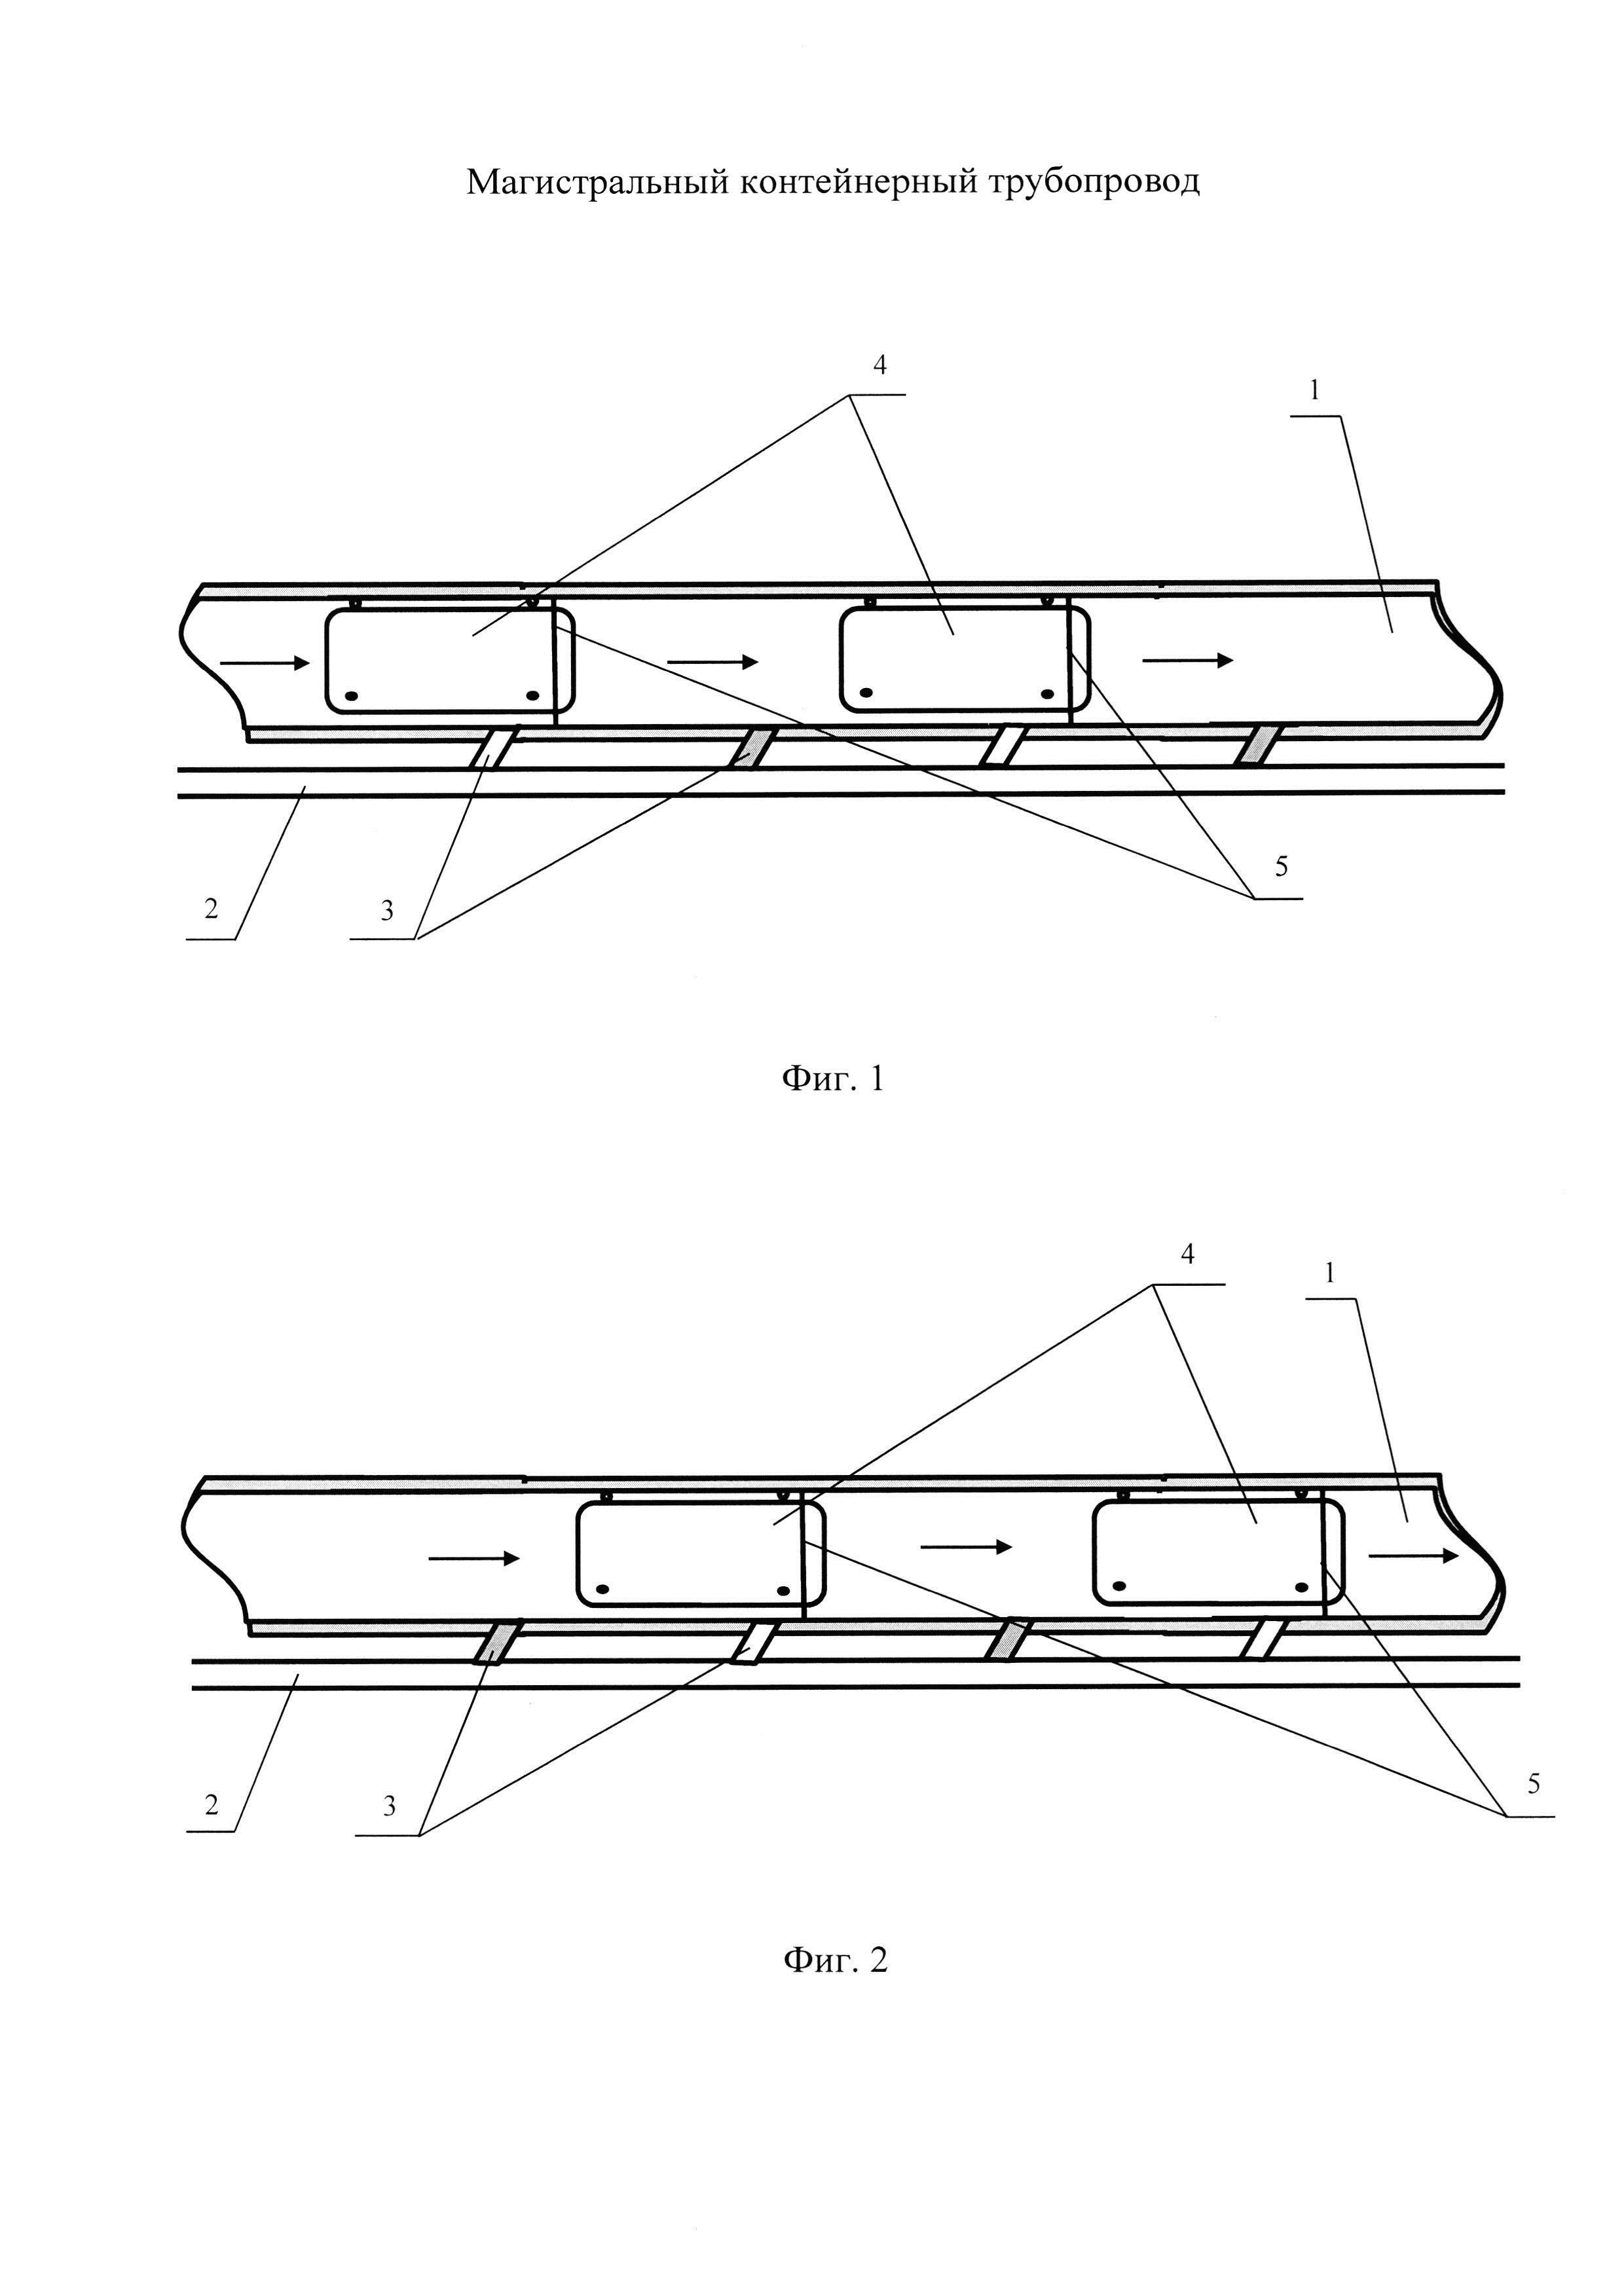 Магистральный контейнерный трубопровод